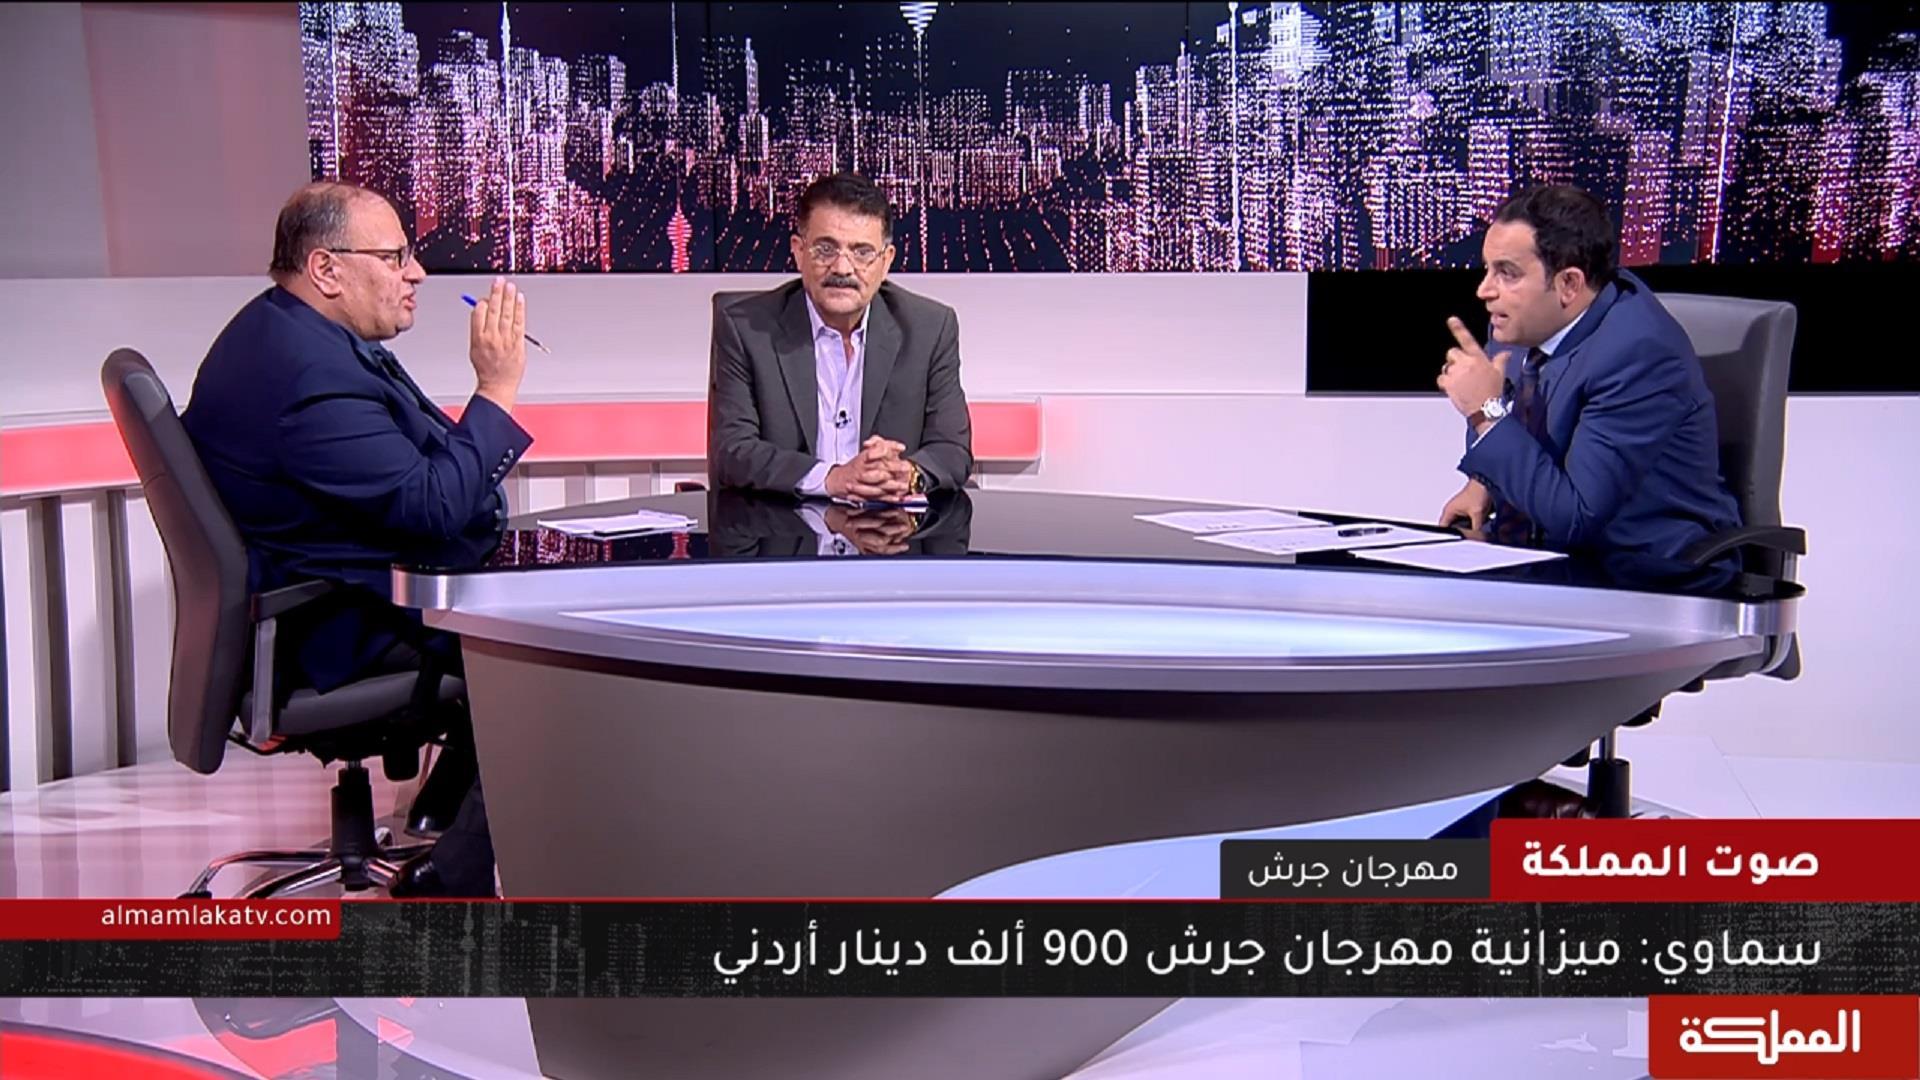 صوت المملكة | أين المثقف والفنان الأردني؟